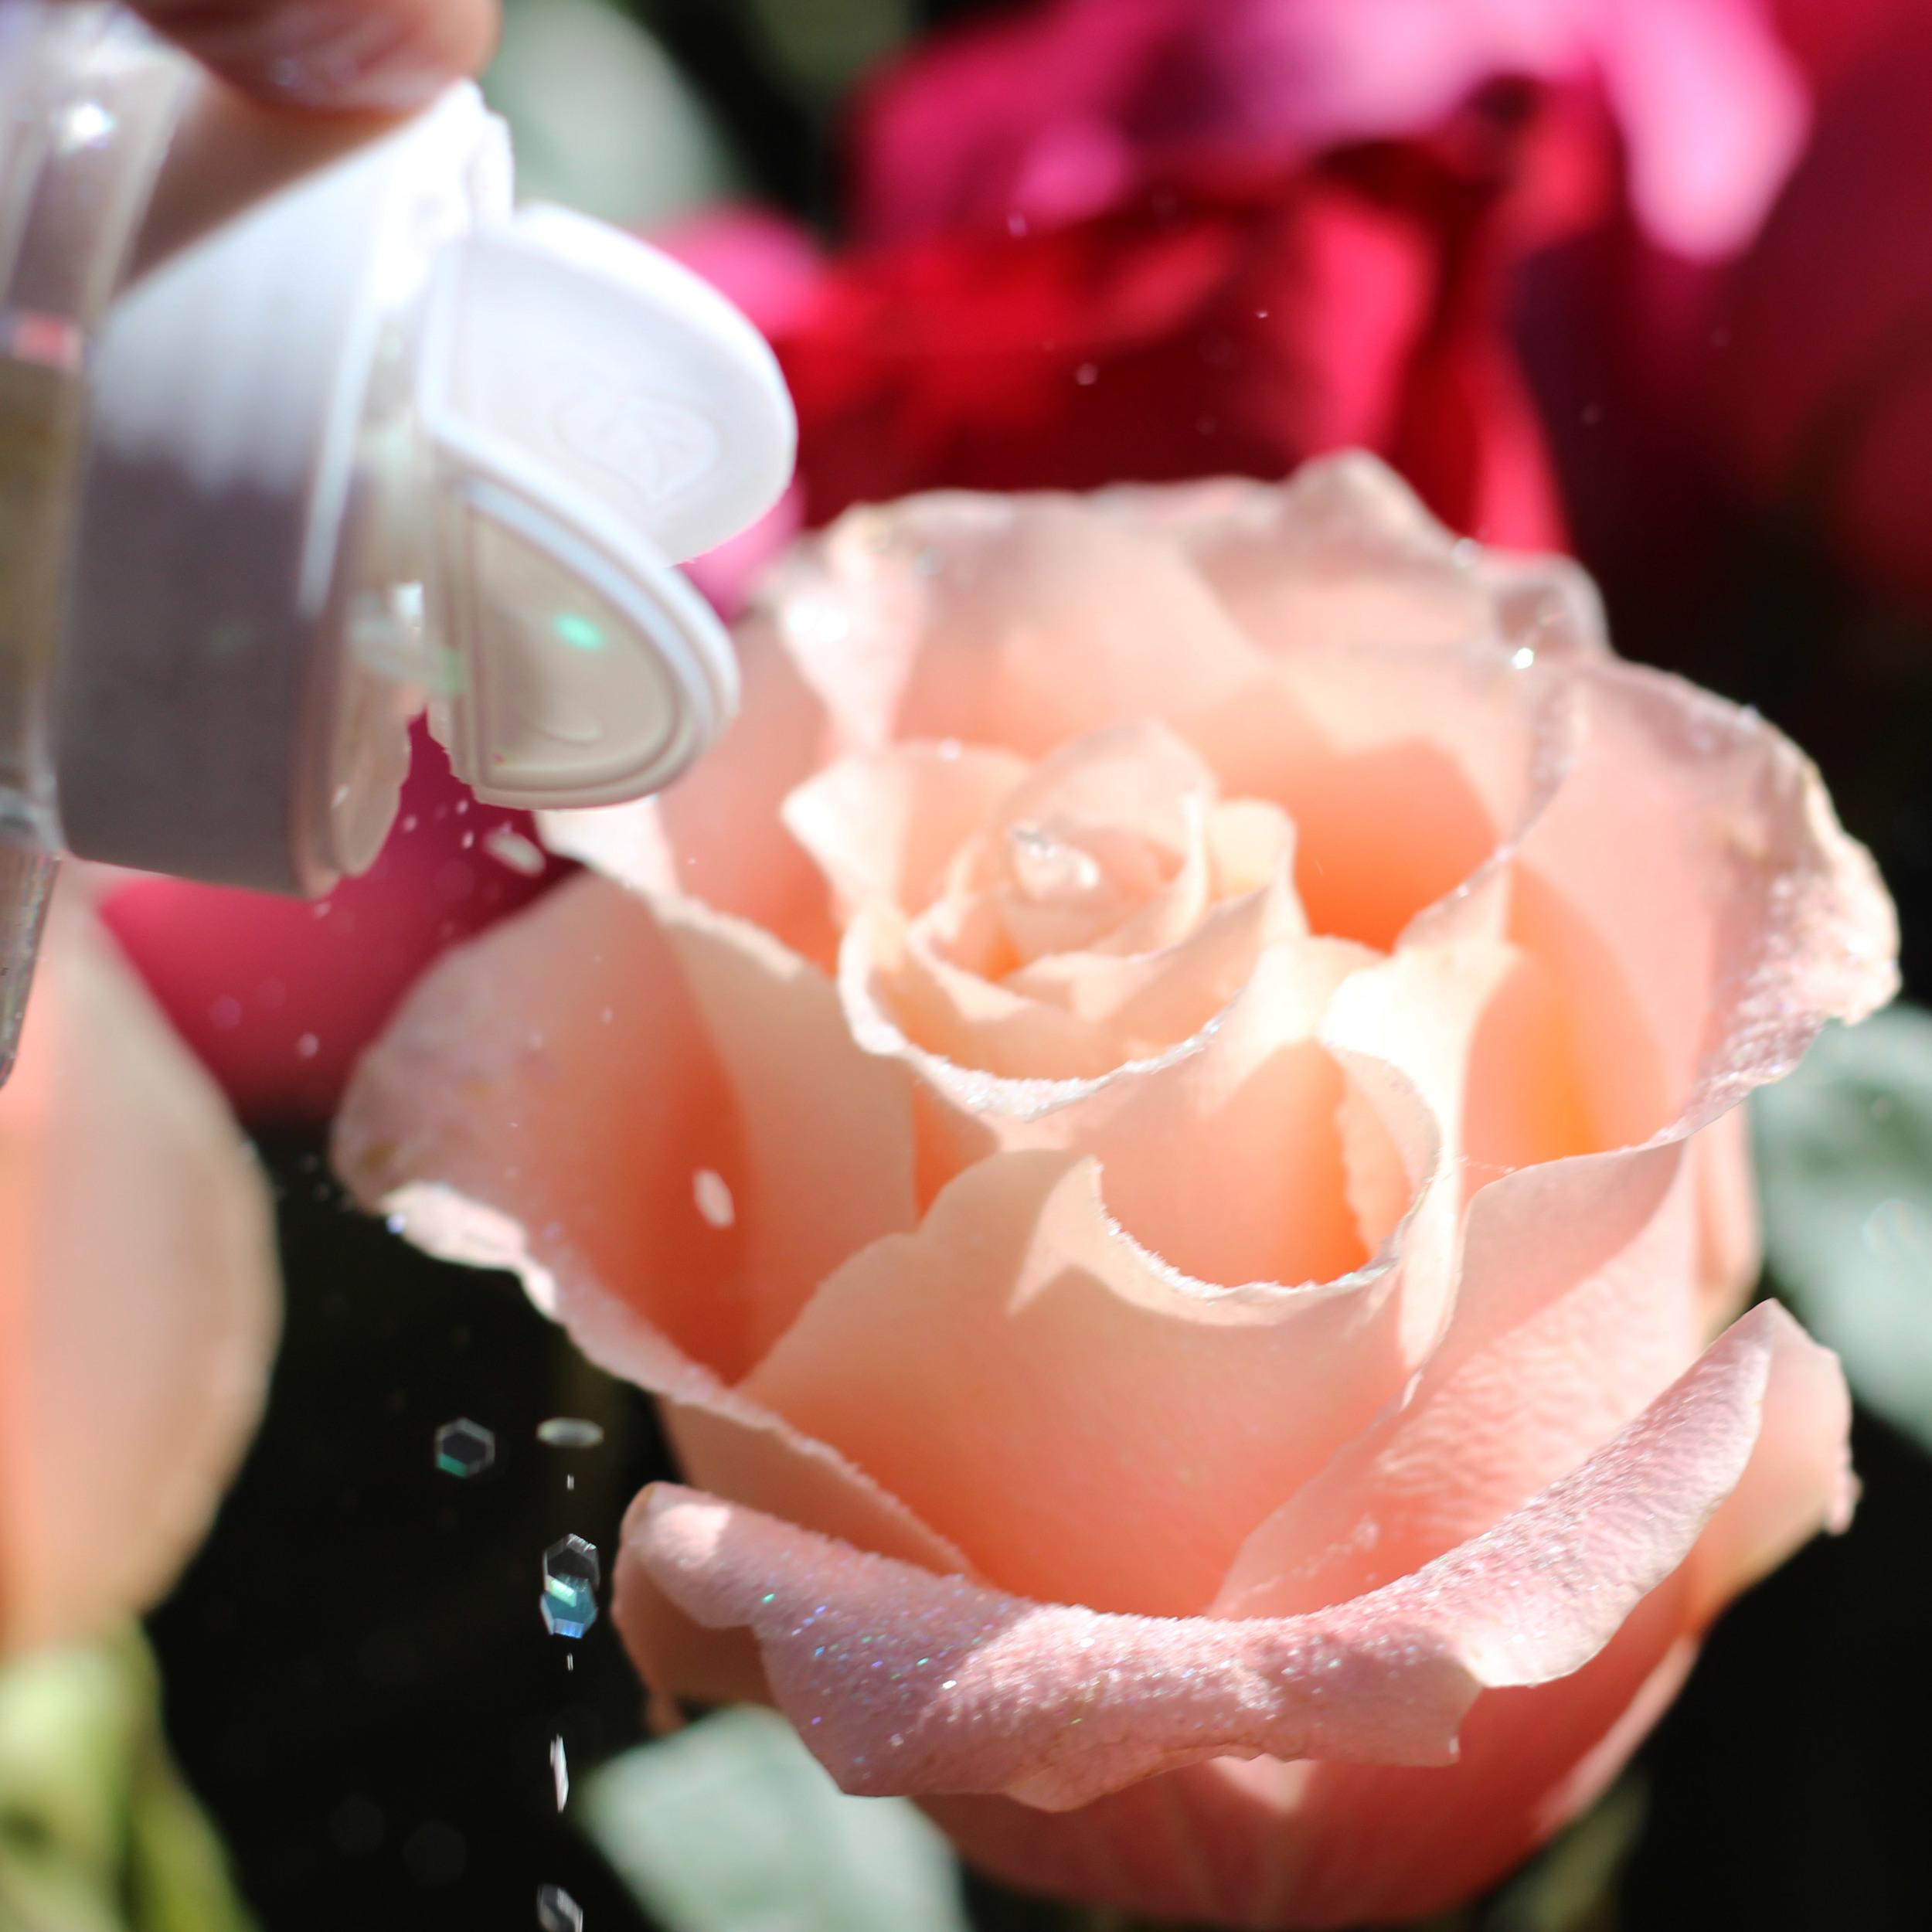 Sprinkle edge with jumbo glitter. Put glitter on half peach roses.